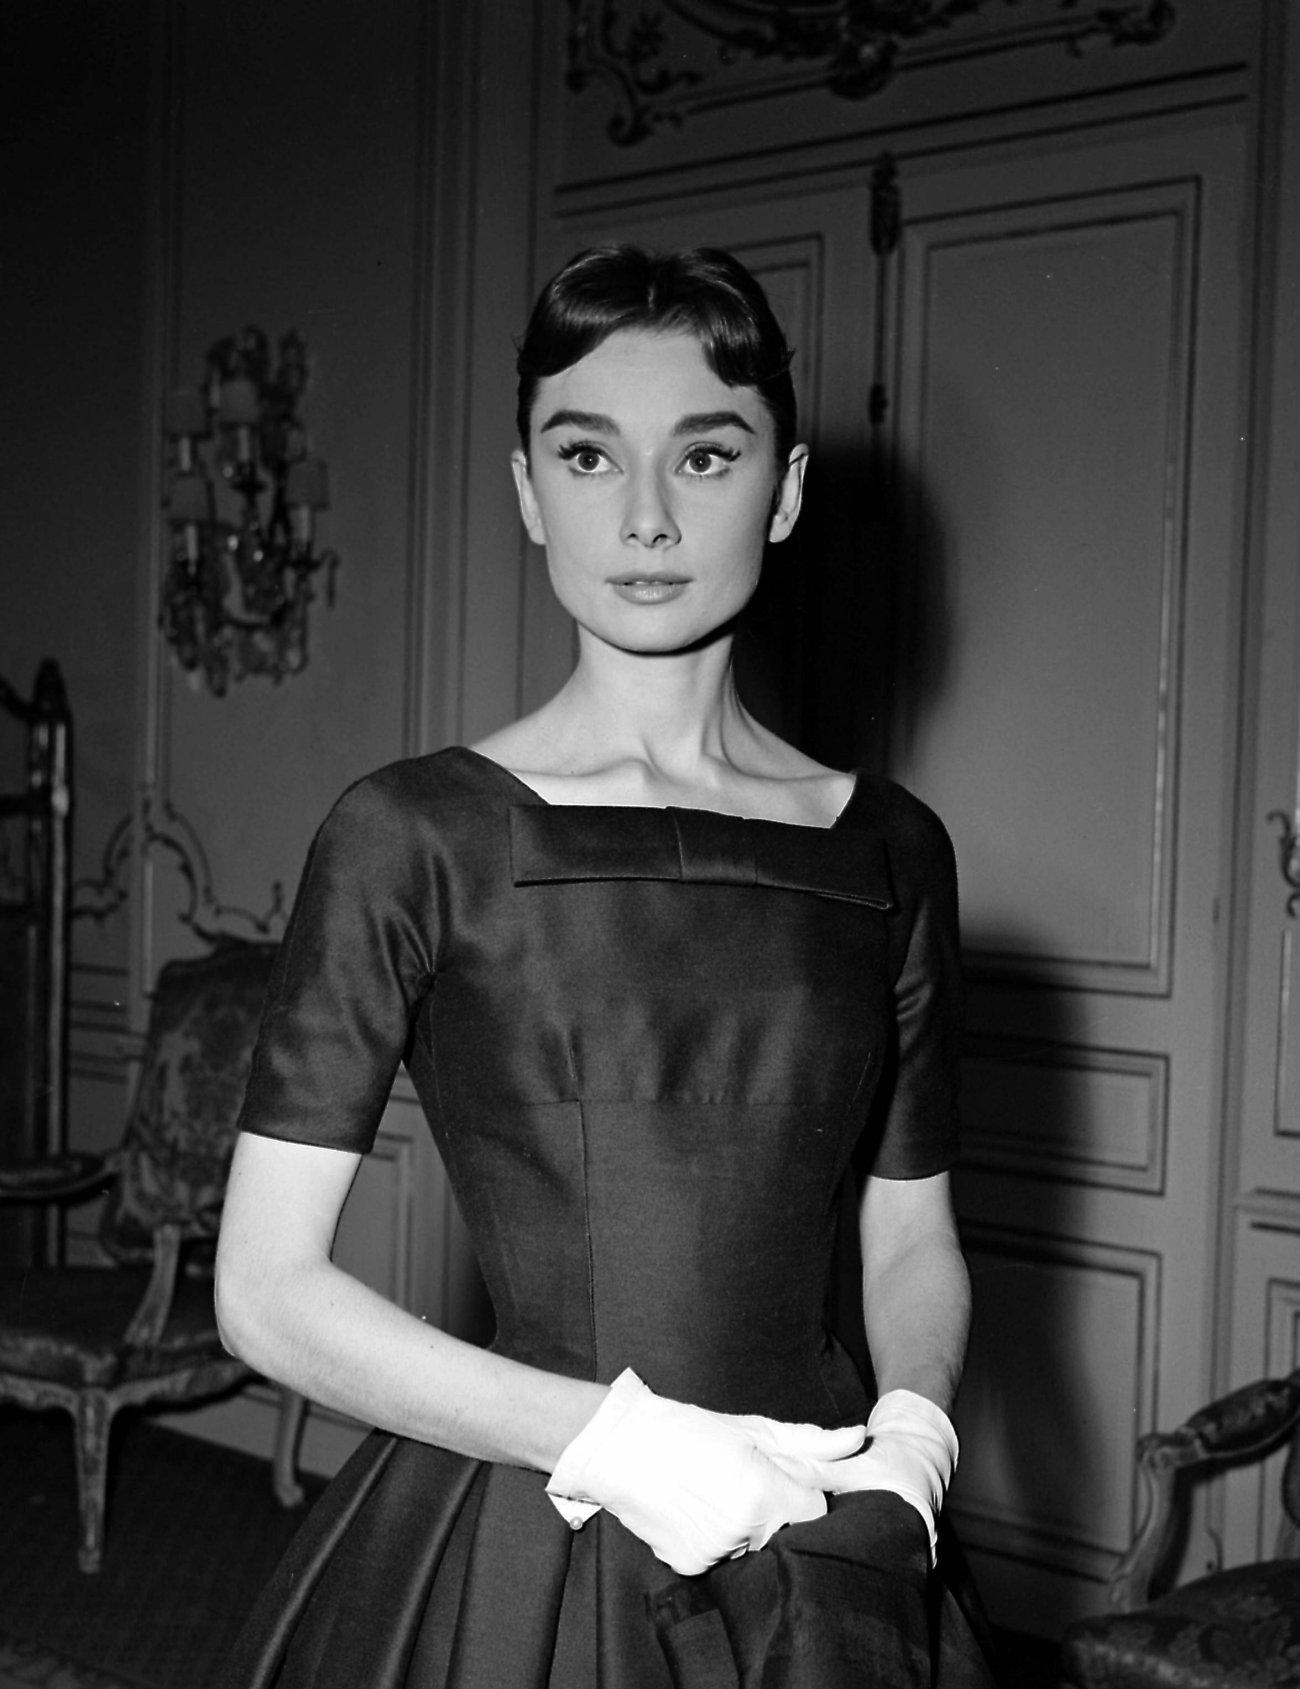 Audrey Hepburn - Audrey Hepburn Photo (21766612) - Fanpop